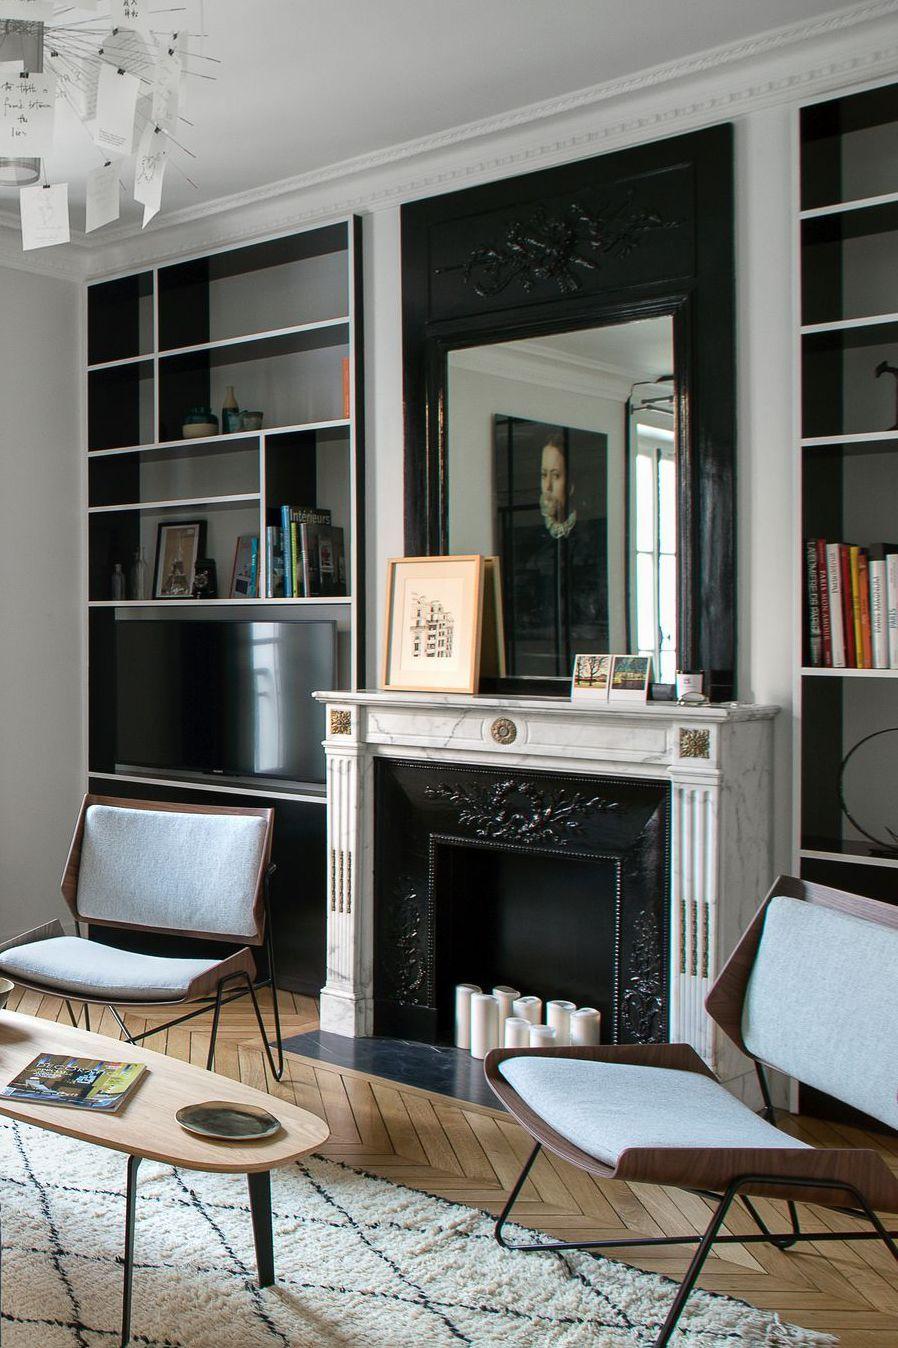 D co de salon plus de 40 photos pour mettre l 39 ambiance parquet et chemin e pinterest - Cheminee interieur maison ...